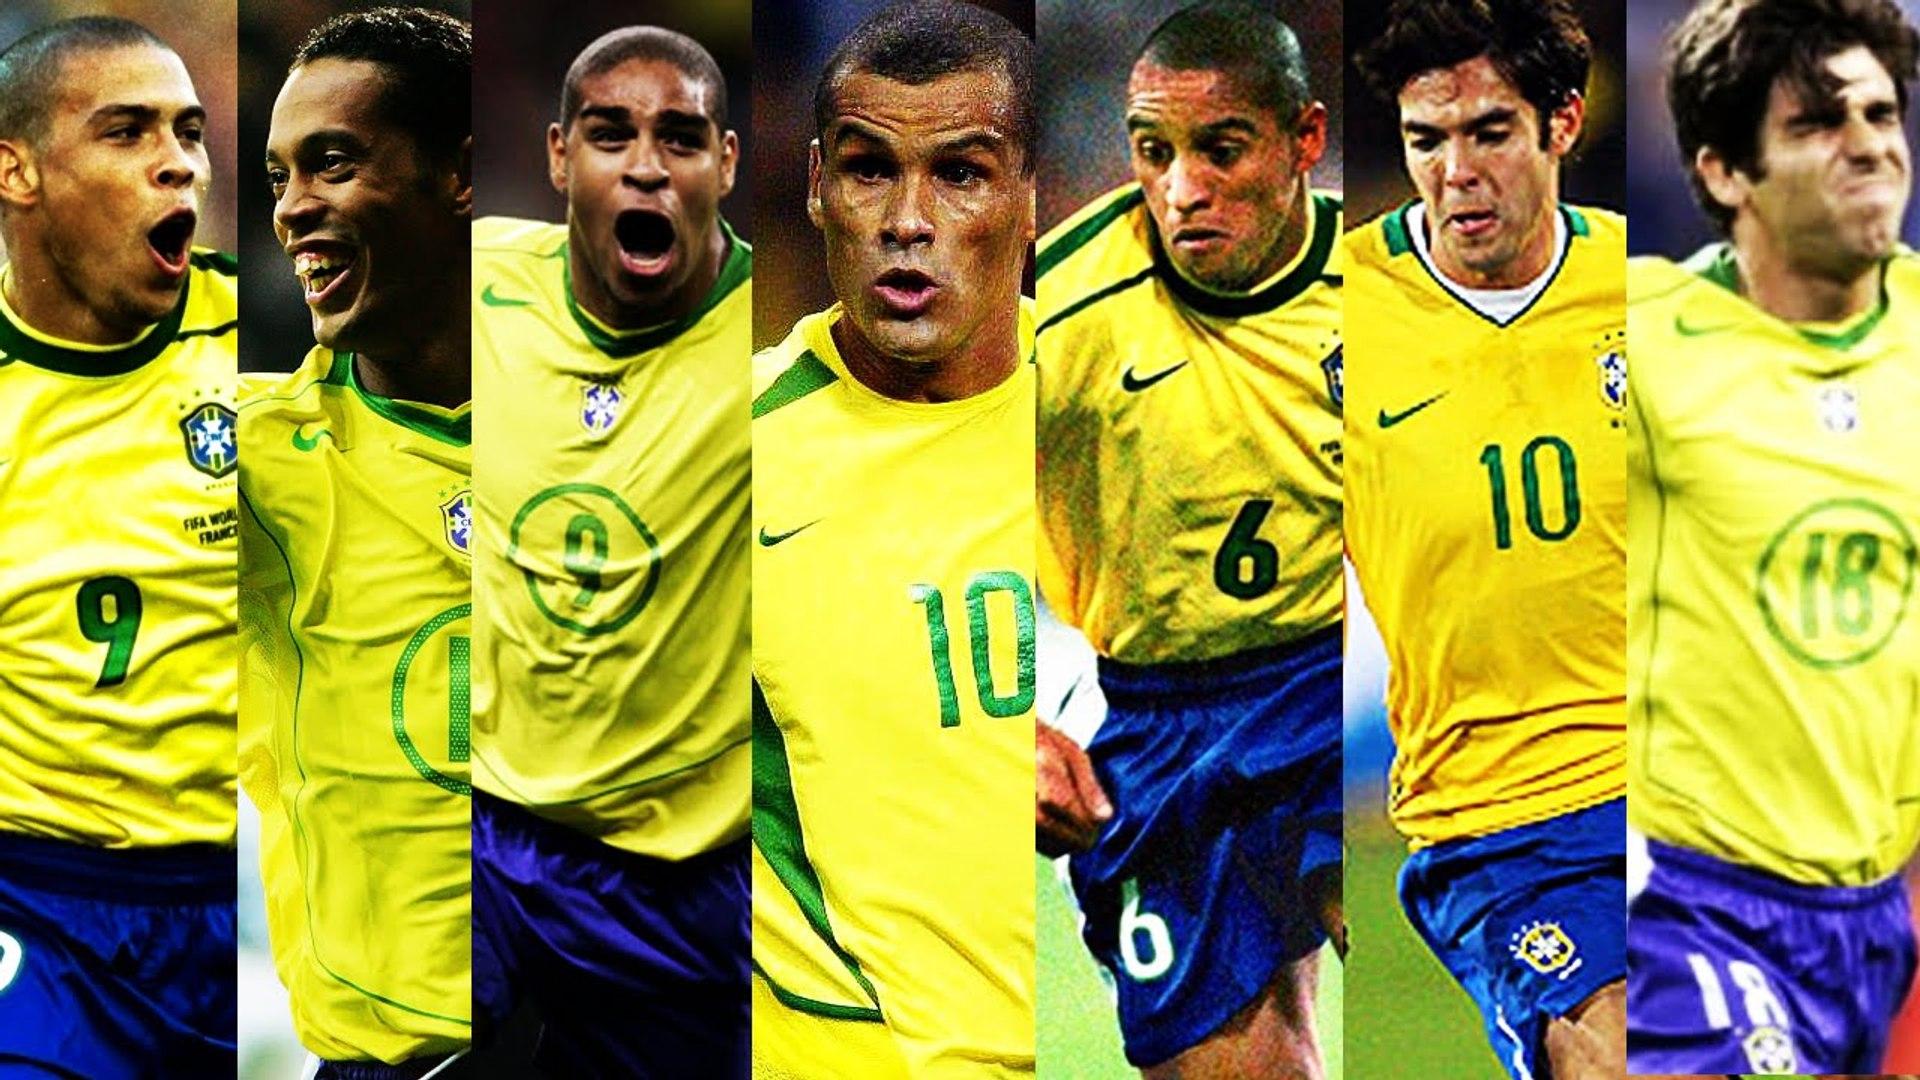 Neymar x Ronaldinho   [ eu que fiz, porra, olha ai e diz oq acha, NAMORAL]  X1080